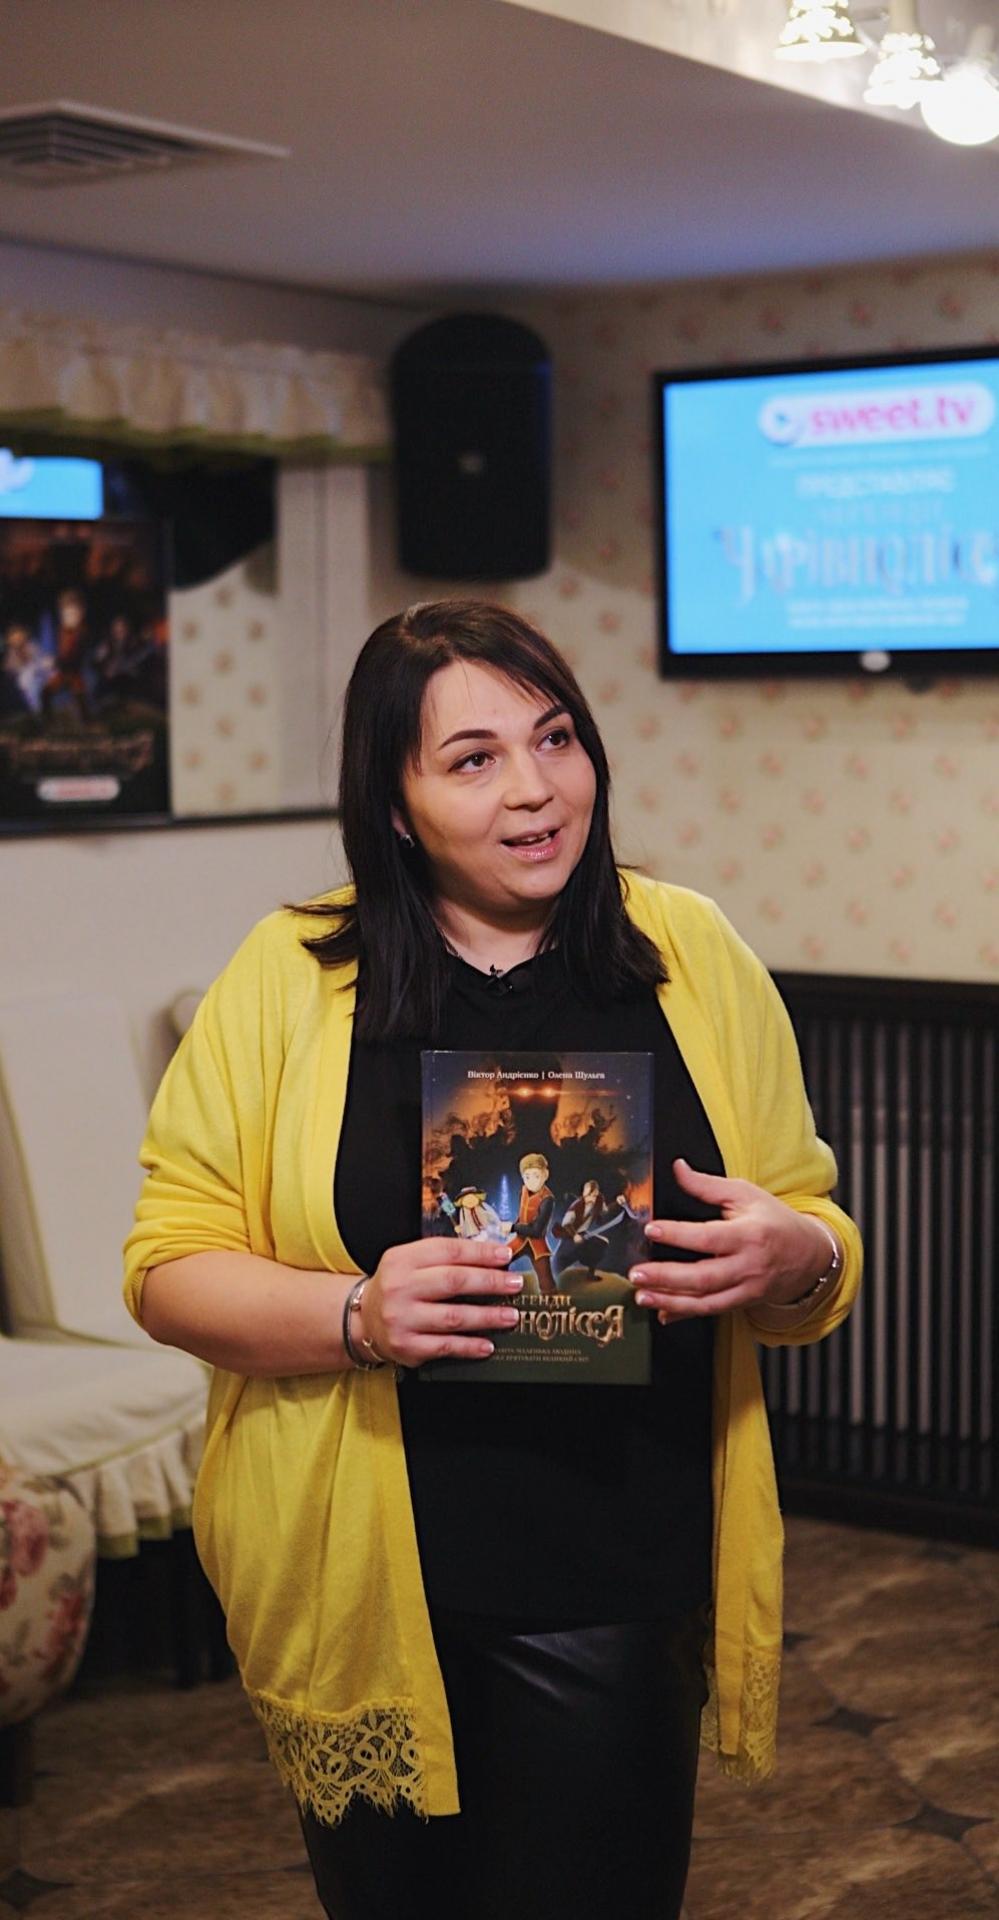 Директор по маркетингу SWEET.TV Марина Русак